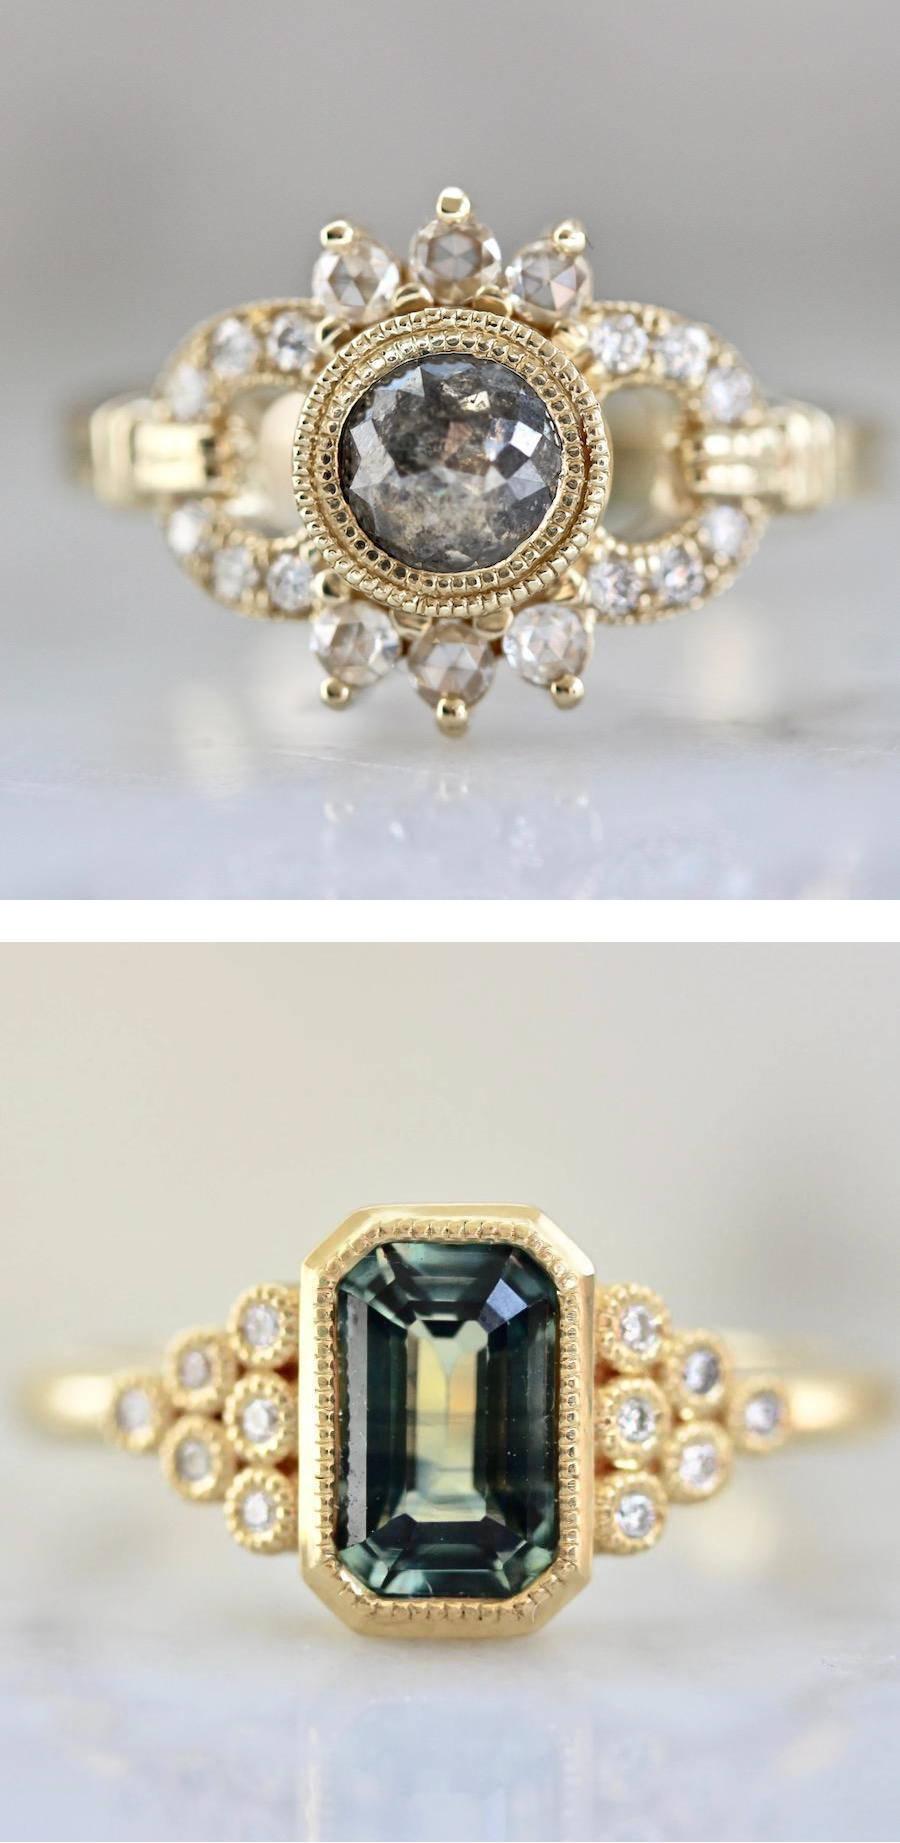 shop-gem-breakfast-ring-jewelry-rings